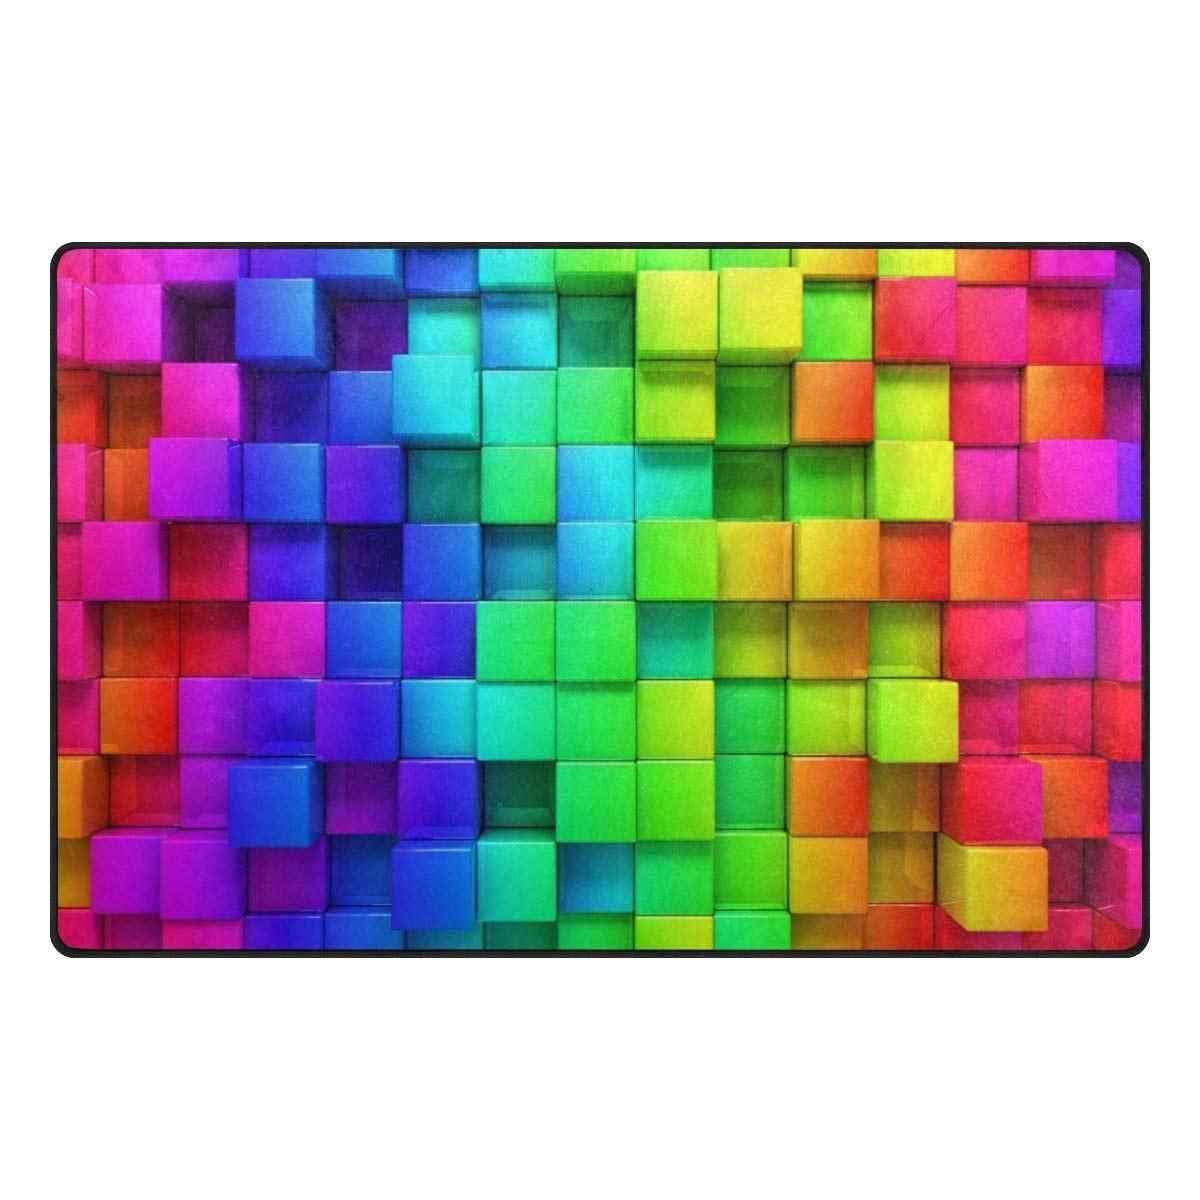 Natural Wooden Rainbow Colored Boards Bath Rugs, Non-Slip Doormat Floor Entryways Outdoor Indoor Front Door Mat